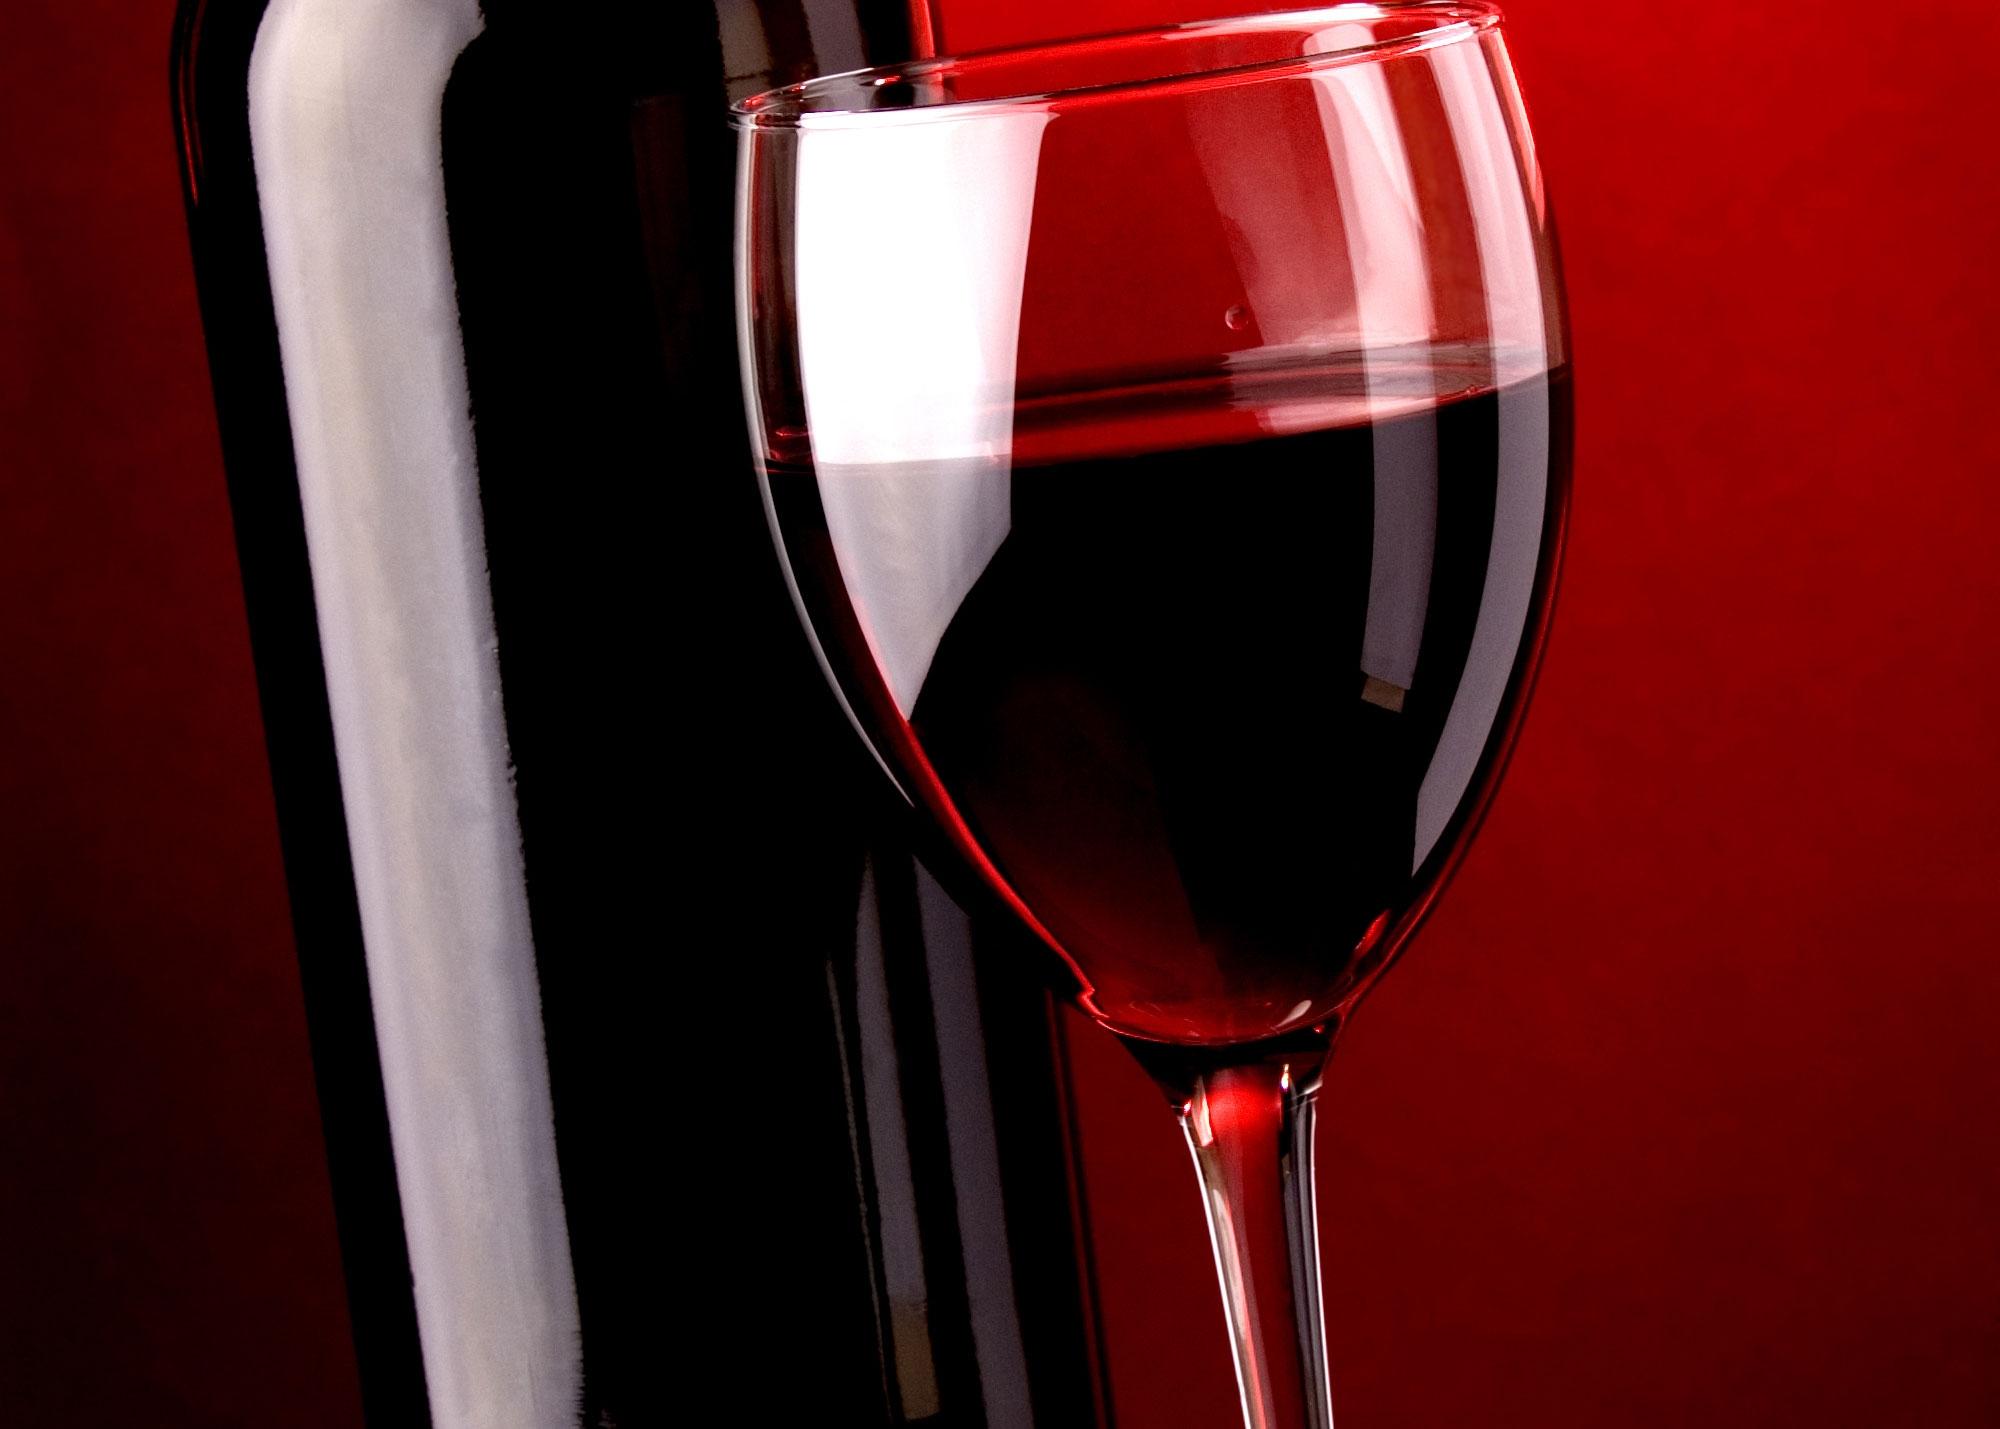 cancerul nu suporta vinul carcinom tiroidian foliculo-papilar